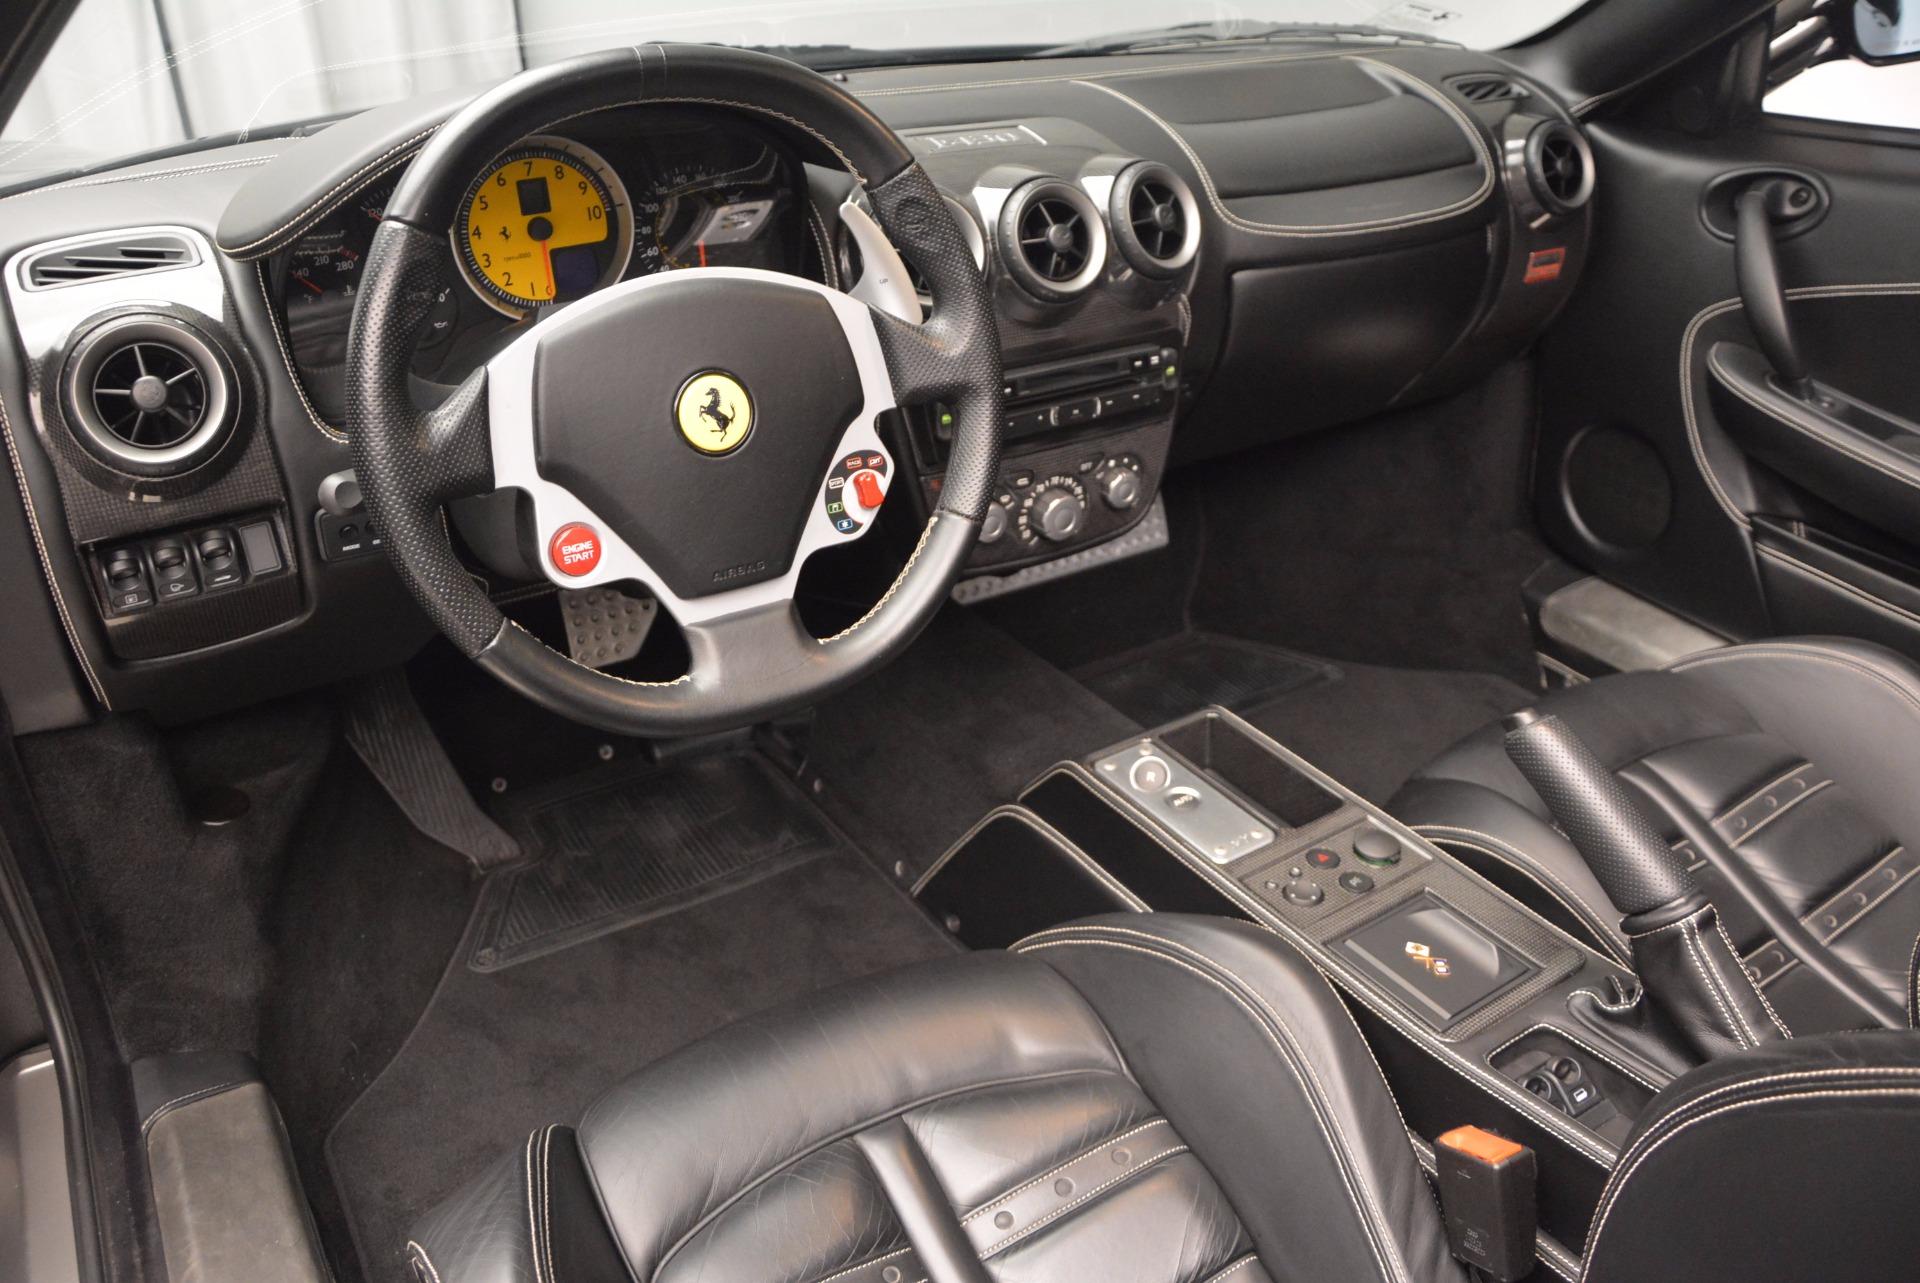 Used 2008 Ferrari F430 Spider For Sale In Greenwich, CT 1676_p25